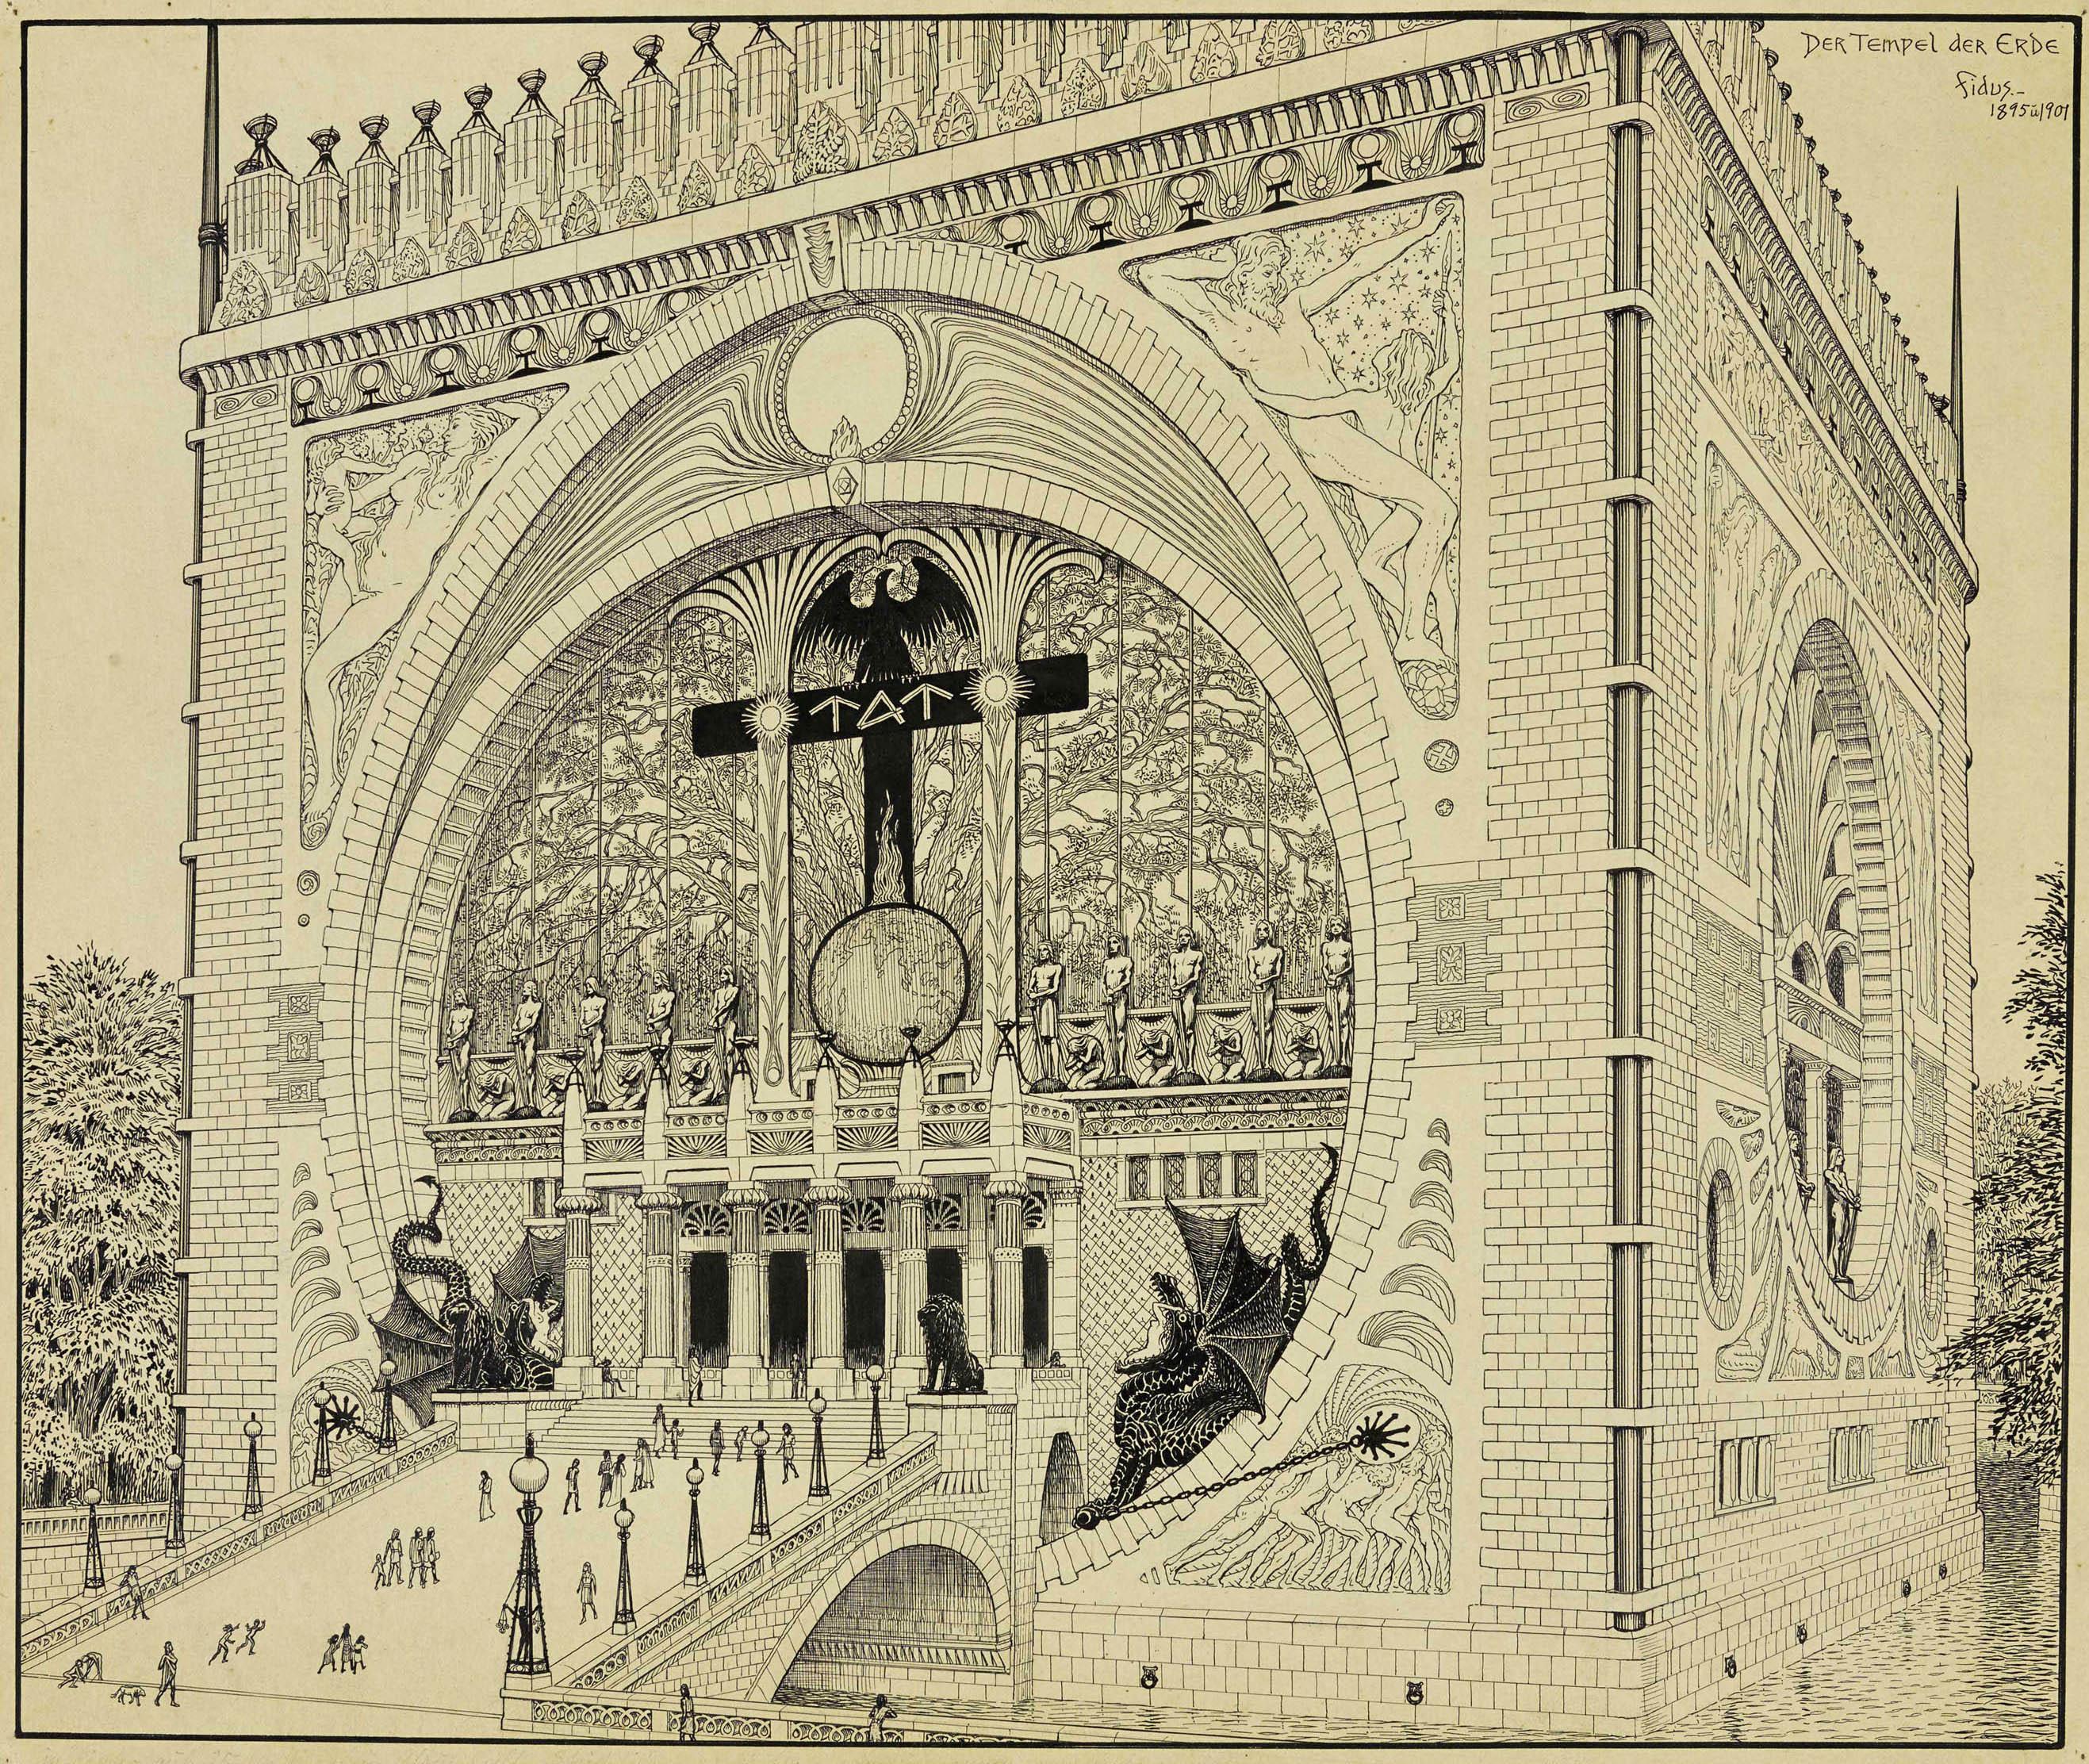 """Fidus, Der Tempel der Erde (1901):1919 bat Walter Gropius Fidus um einige Zeichnungen seiner Traumarchitektur für die """"Ausstellung für unbekannte Architekten"""" – so beeindruckt sich Gropius von Fidus zeigte, so fühlte sich dieser von Gropius jedoch unverstanden, wie der in der Ausstellung gezeigte Briefwechsel belegt."""